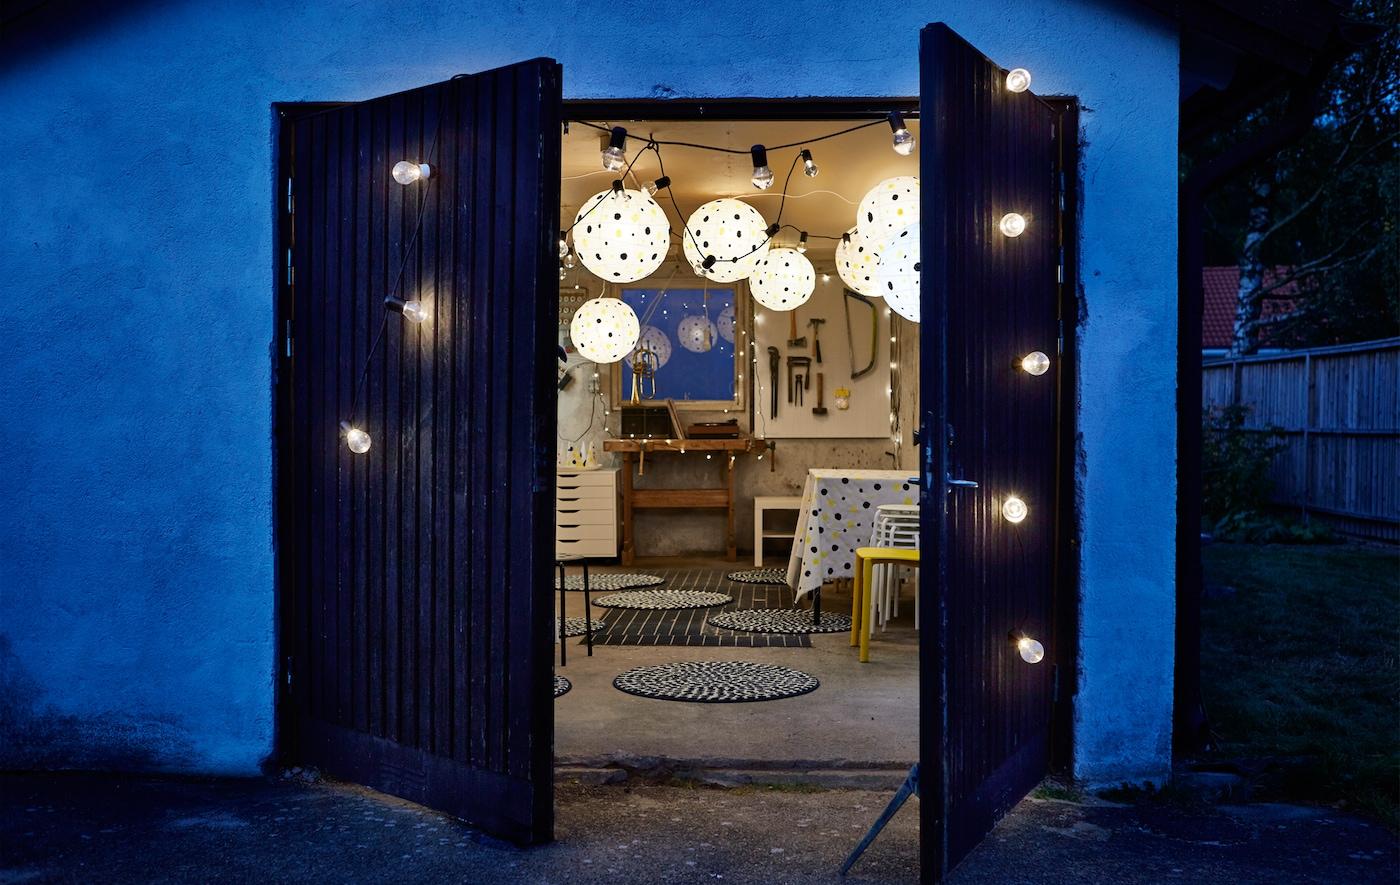 Porte de jardin en bois ornée d'une guirlande lumineuse annonciatrice d'un réveillon festif, avec des lanternes en papier à pois à l'intérieur.